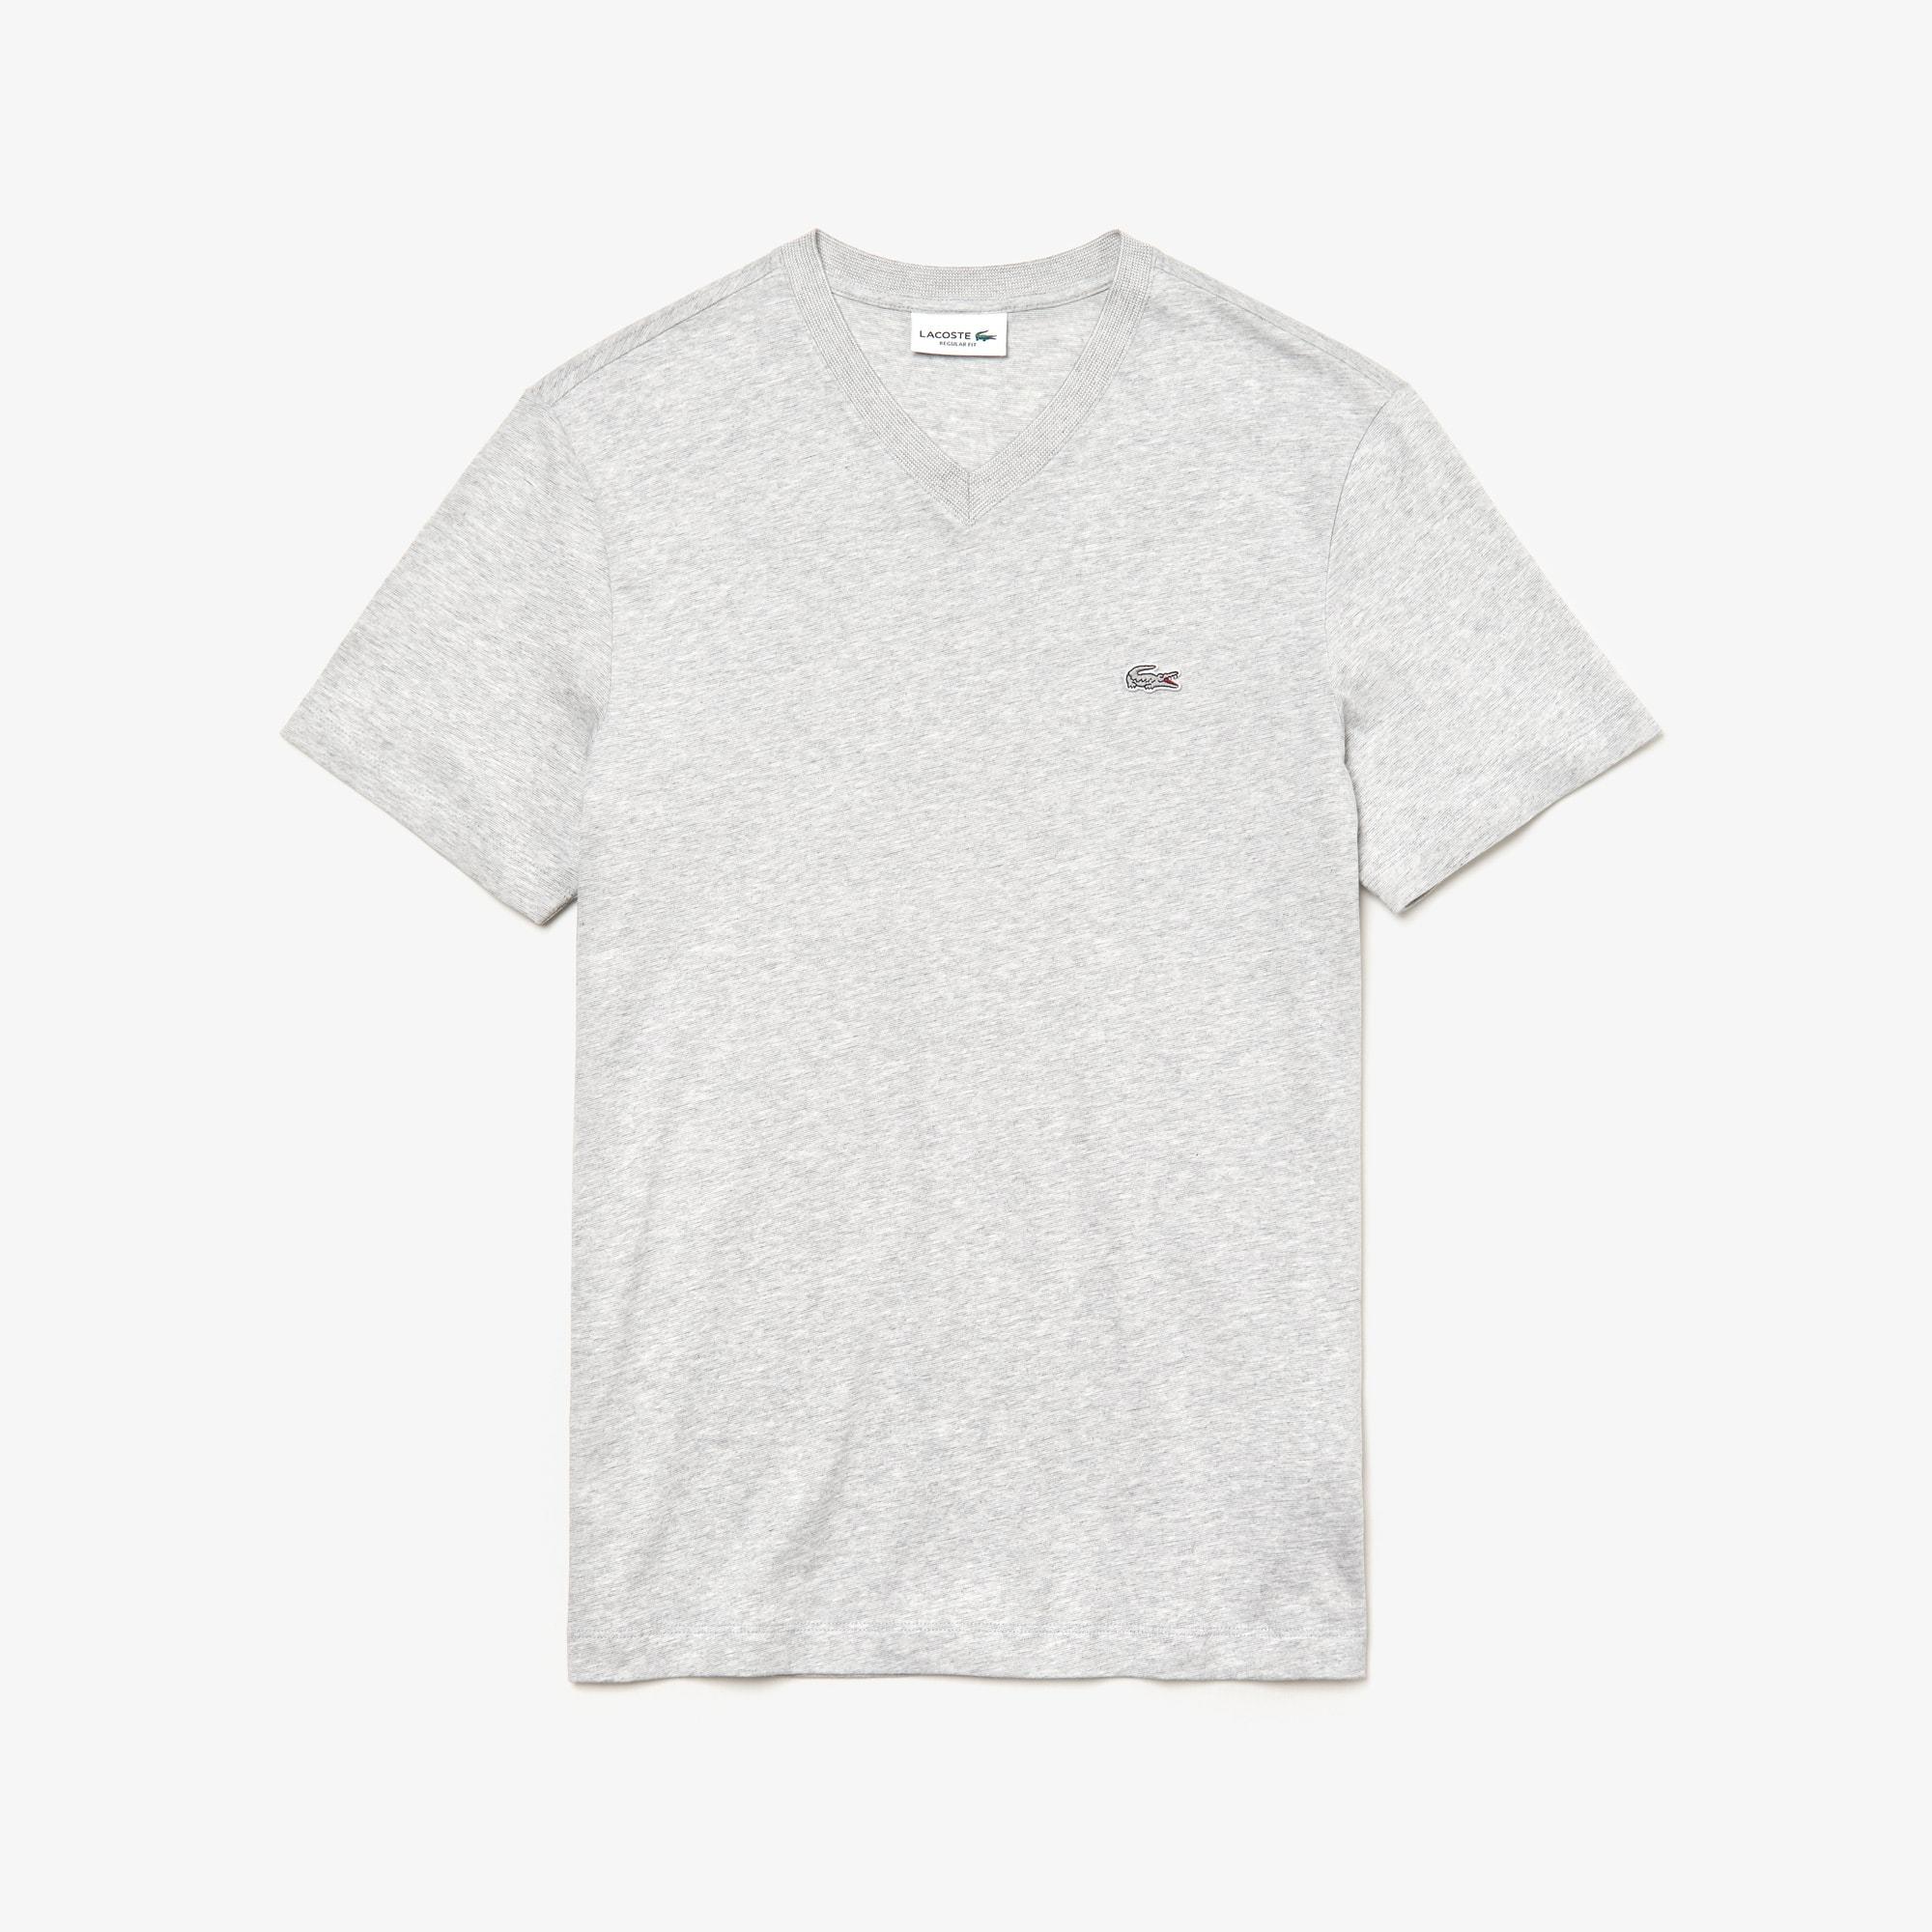 라코스테 브이넥 반팔 티셔츠 Lacoste Mens V-Neck Cotton T-shirt,Grey Chine / White